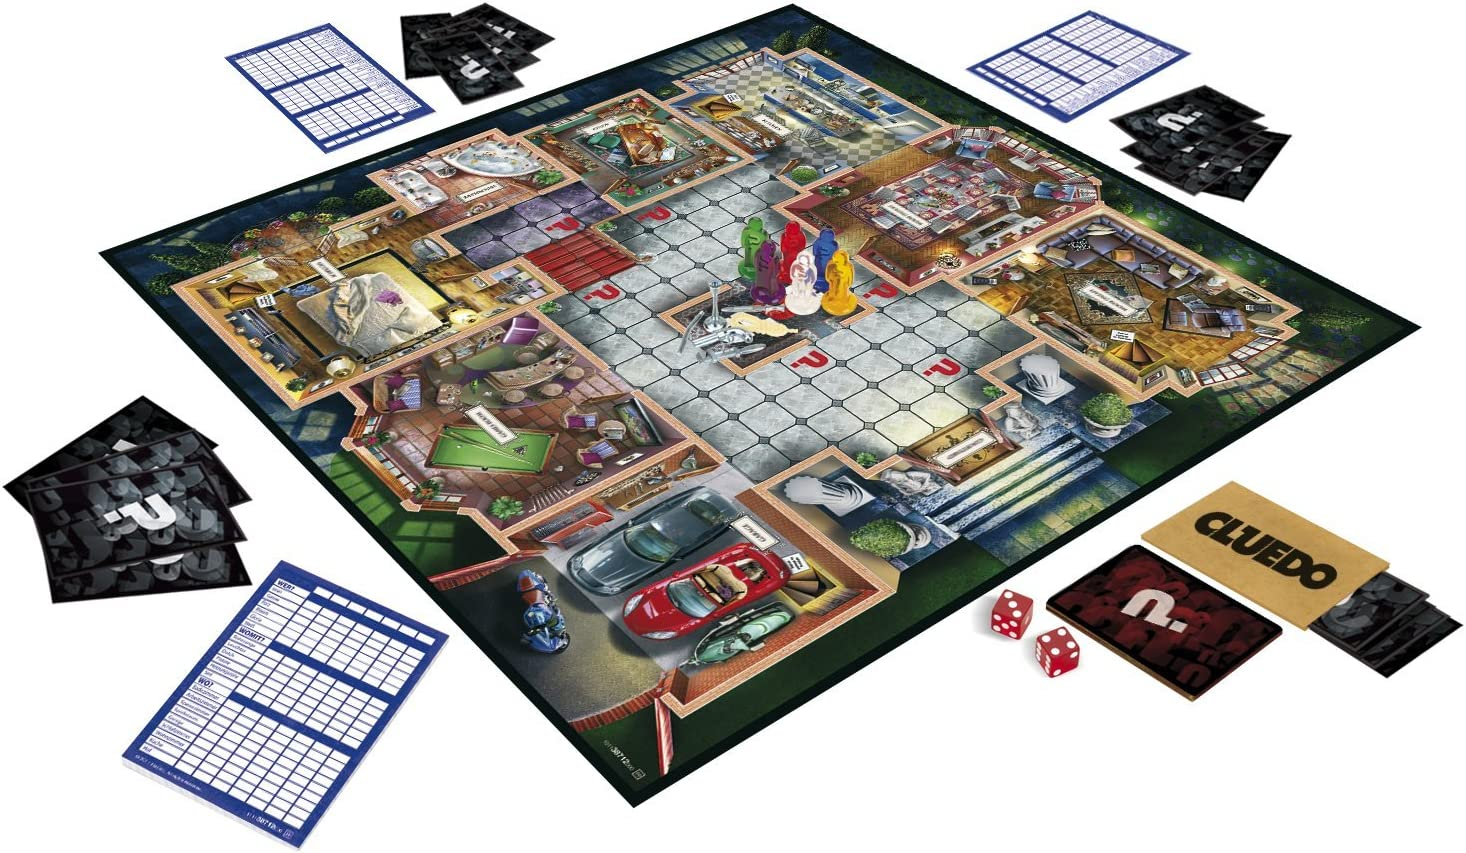 Cluedo - Juego de Misterio (Hasbro 38712) (versión en inglés ...